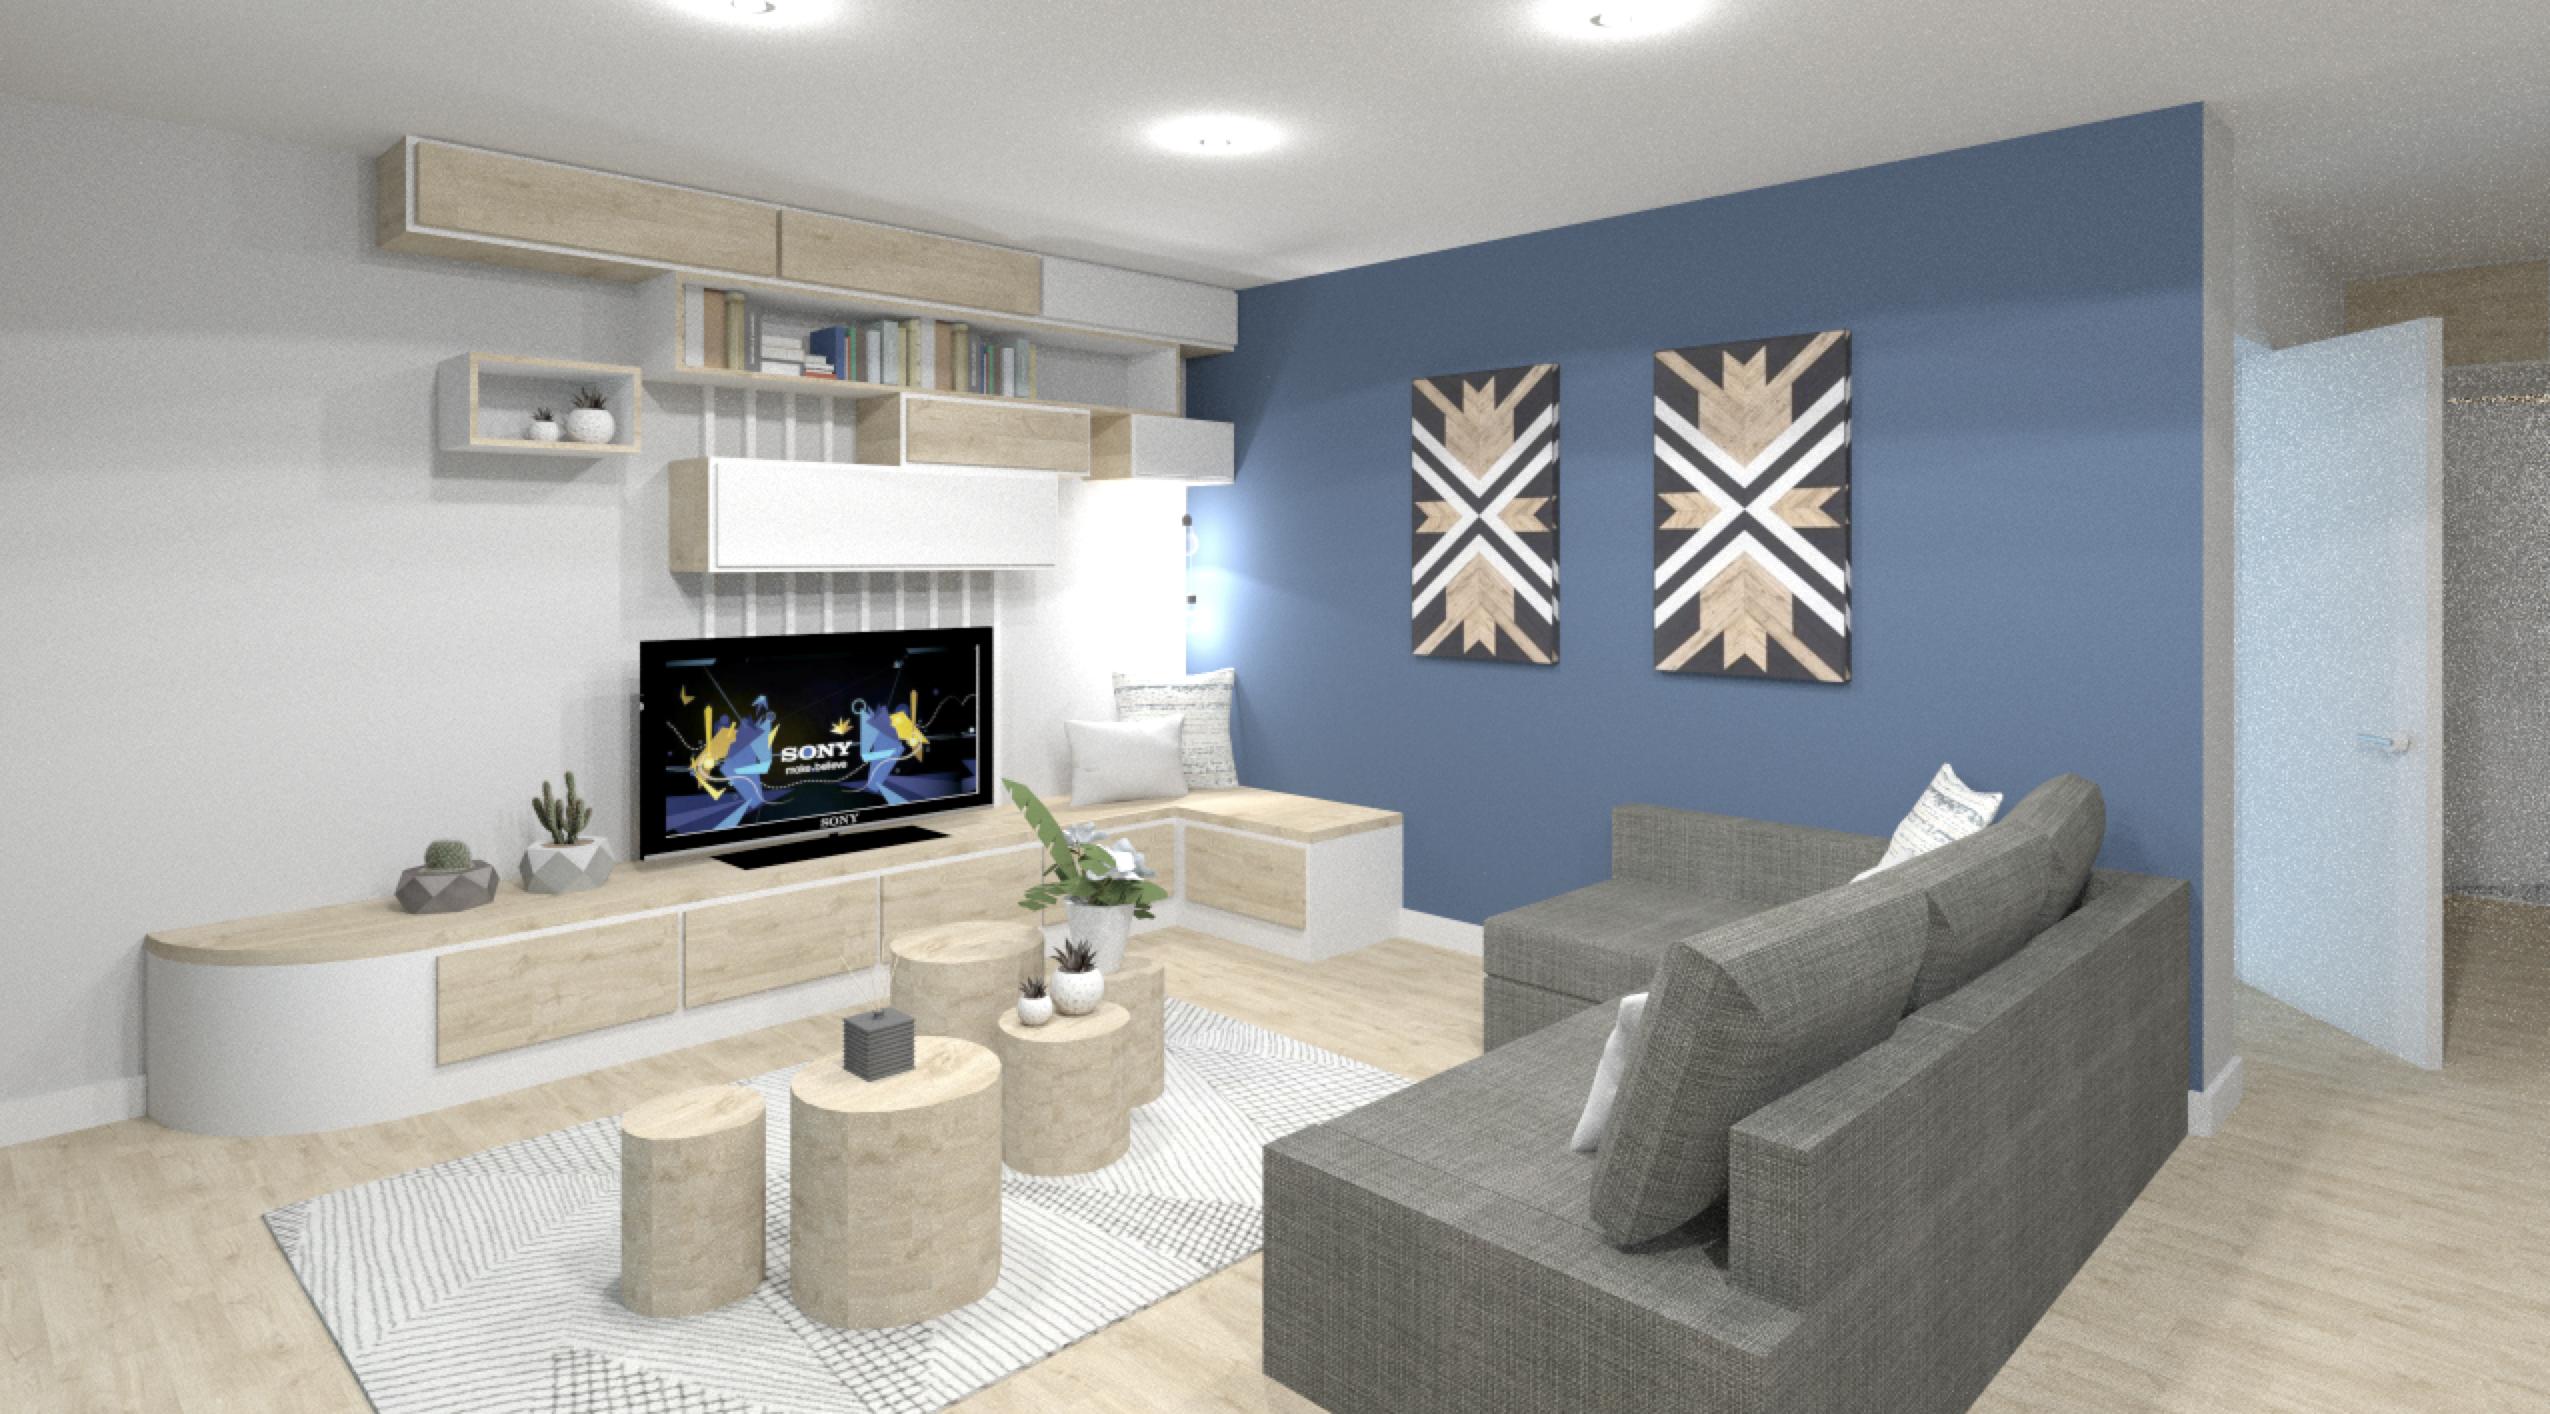 salon d'un appartement entièrement rénové par l'agence Tgf de l'architecte d'intérieur et décoratric